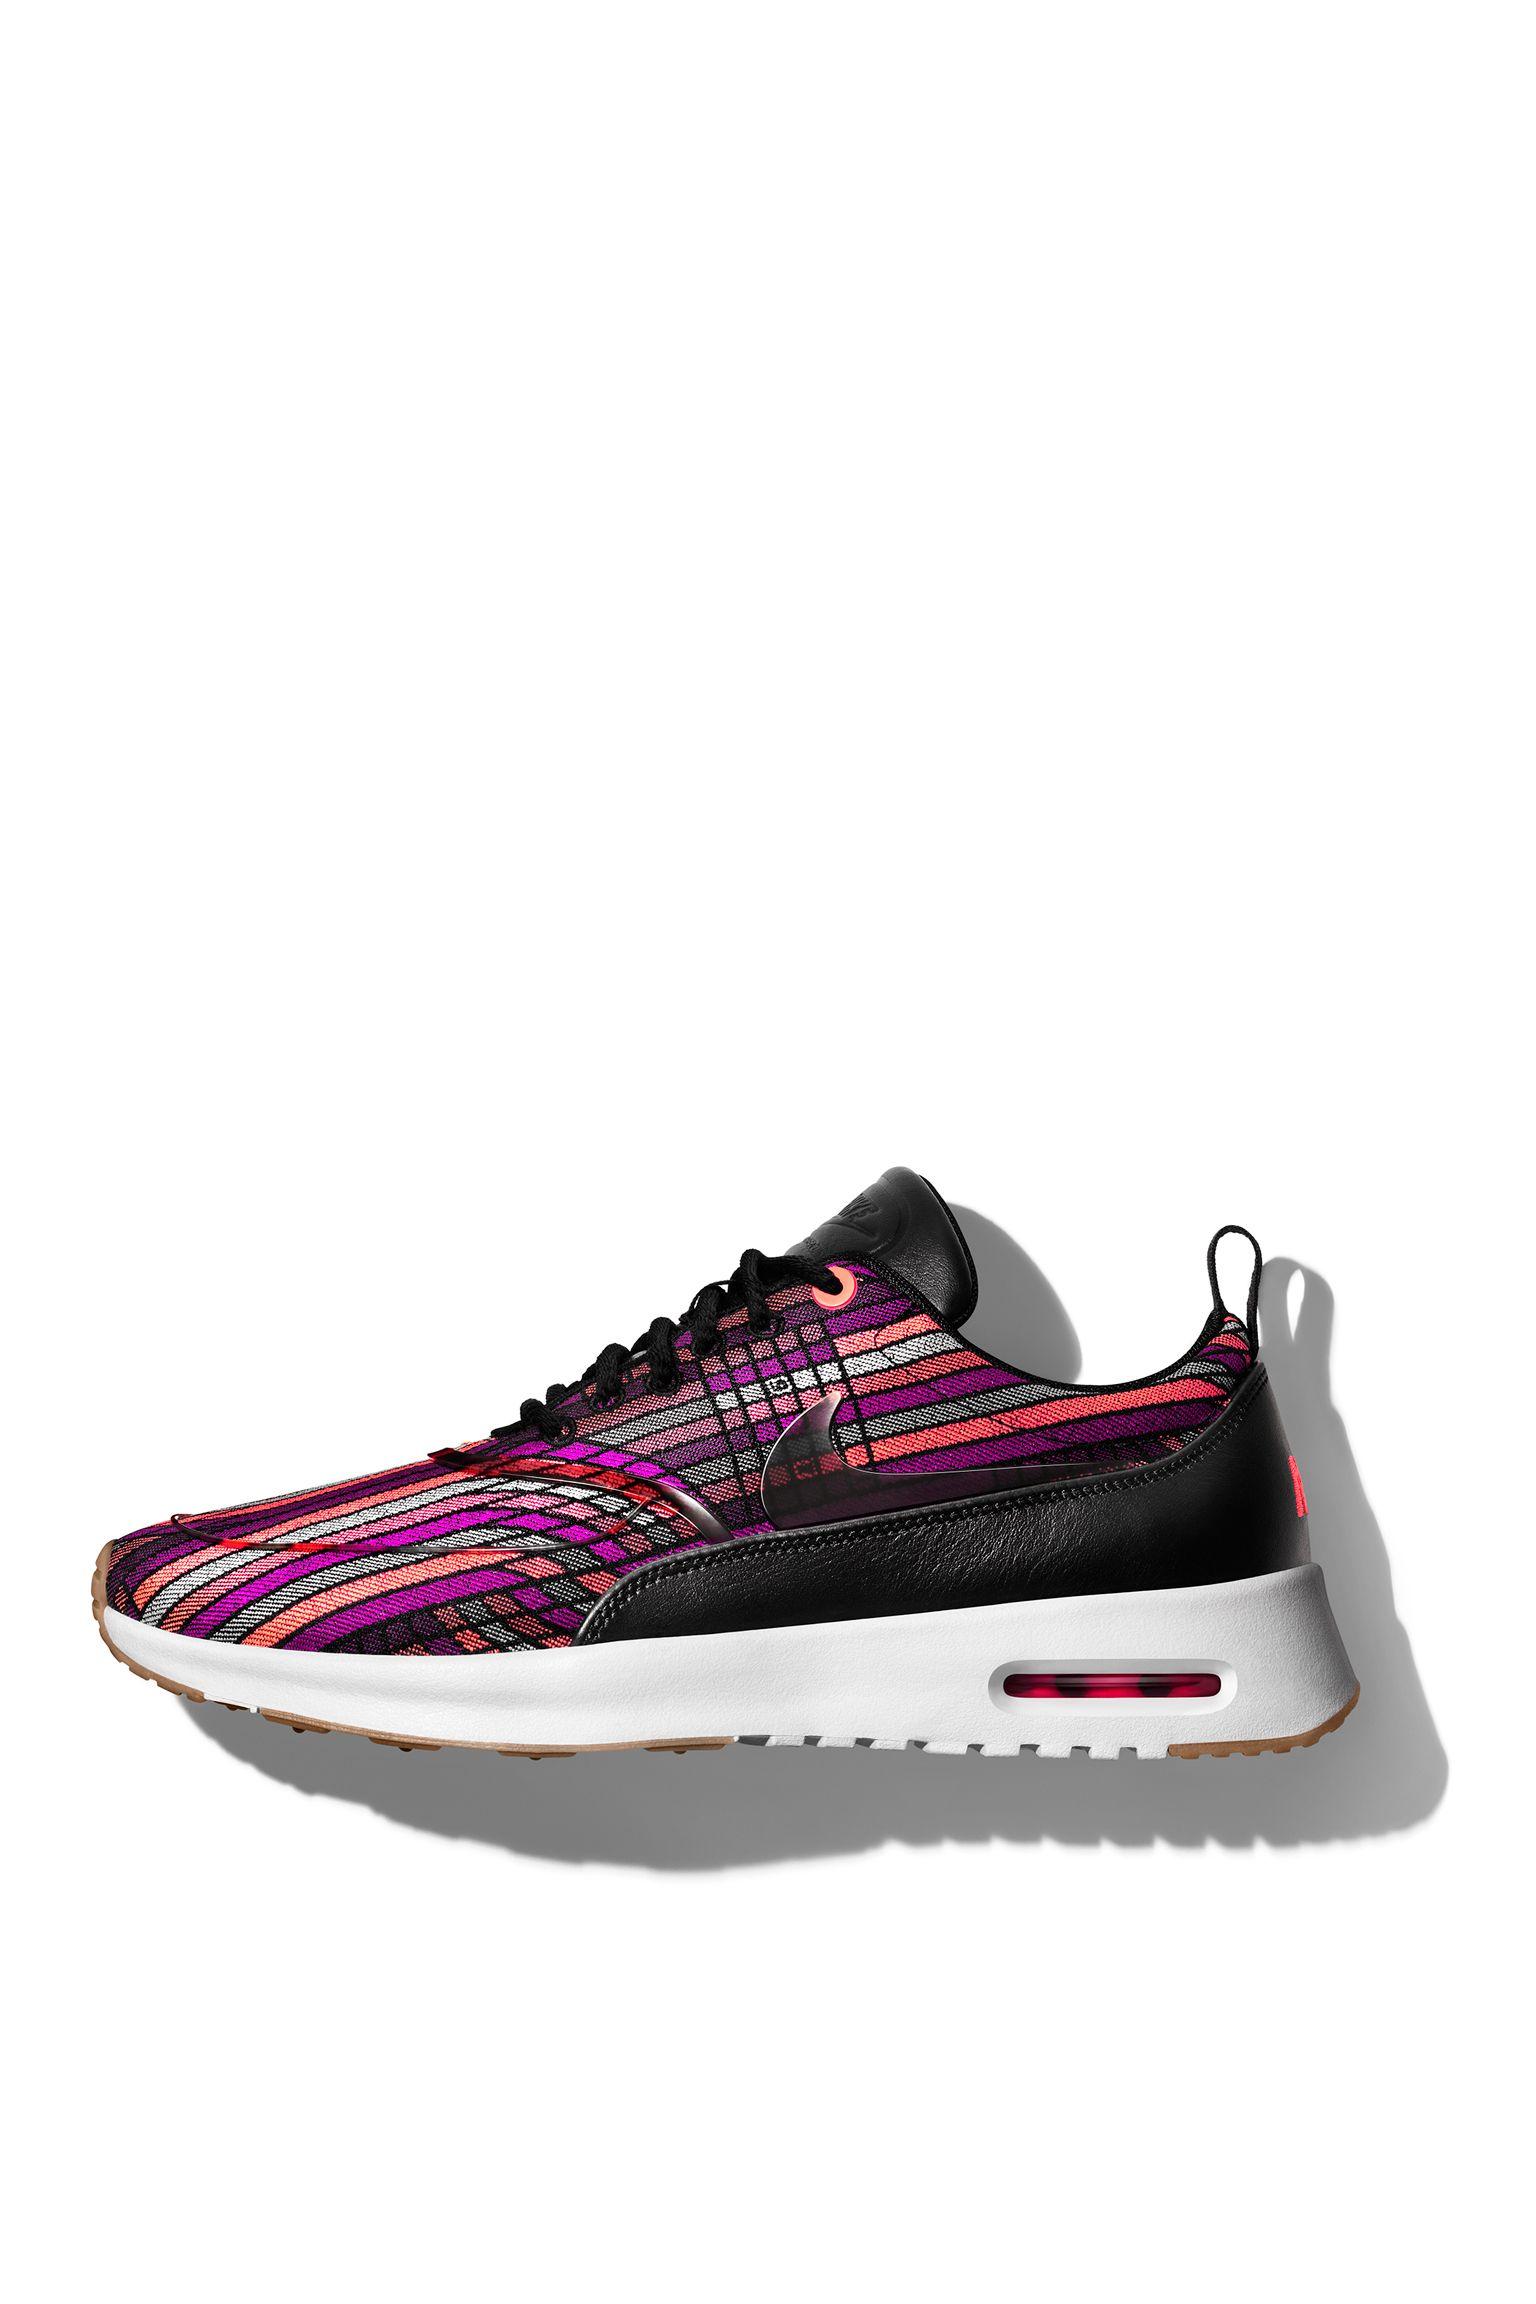 Nike Beautiful x Powerful Jacquard-kollektion